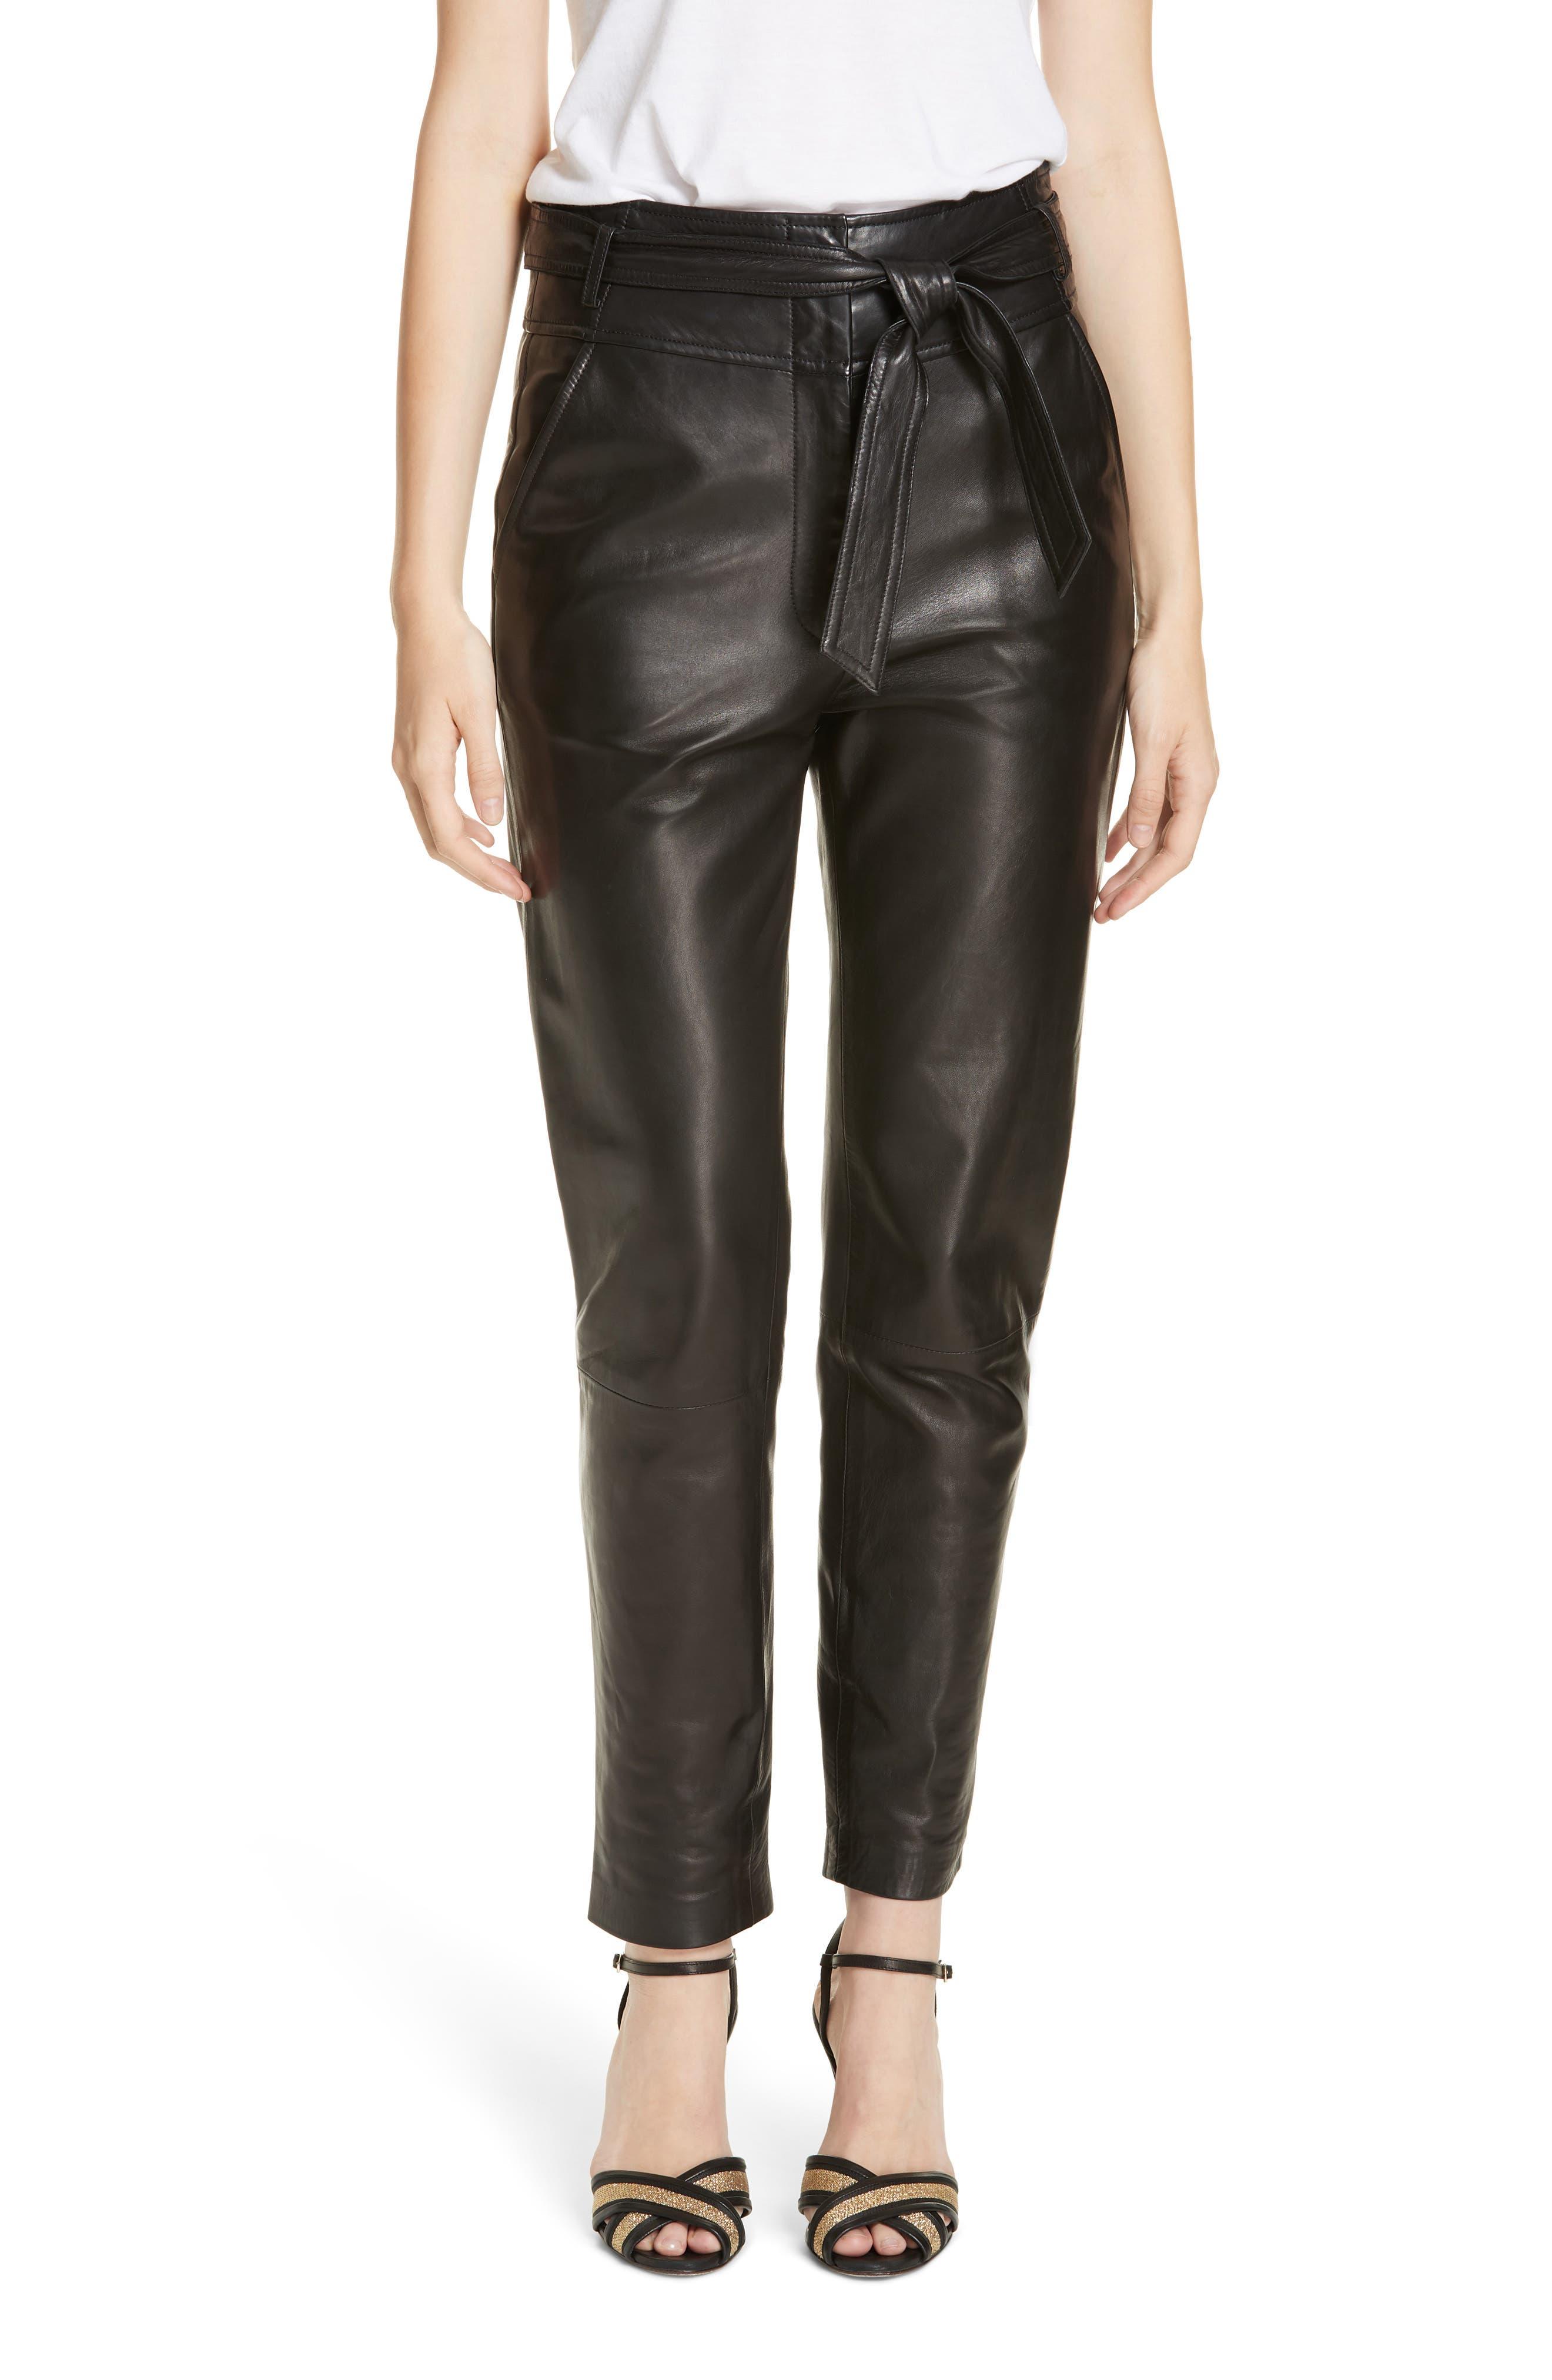 Faxon Leather Pants,                         Main,                         color, 001